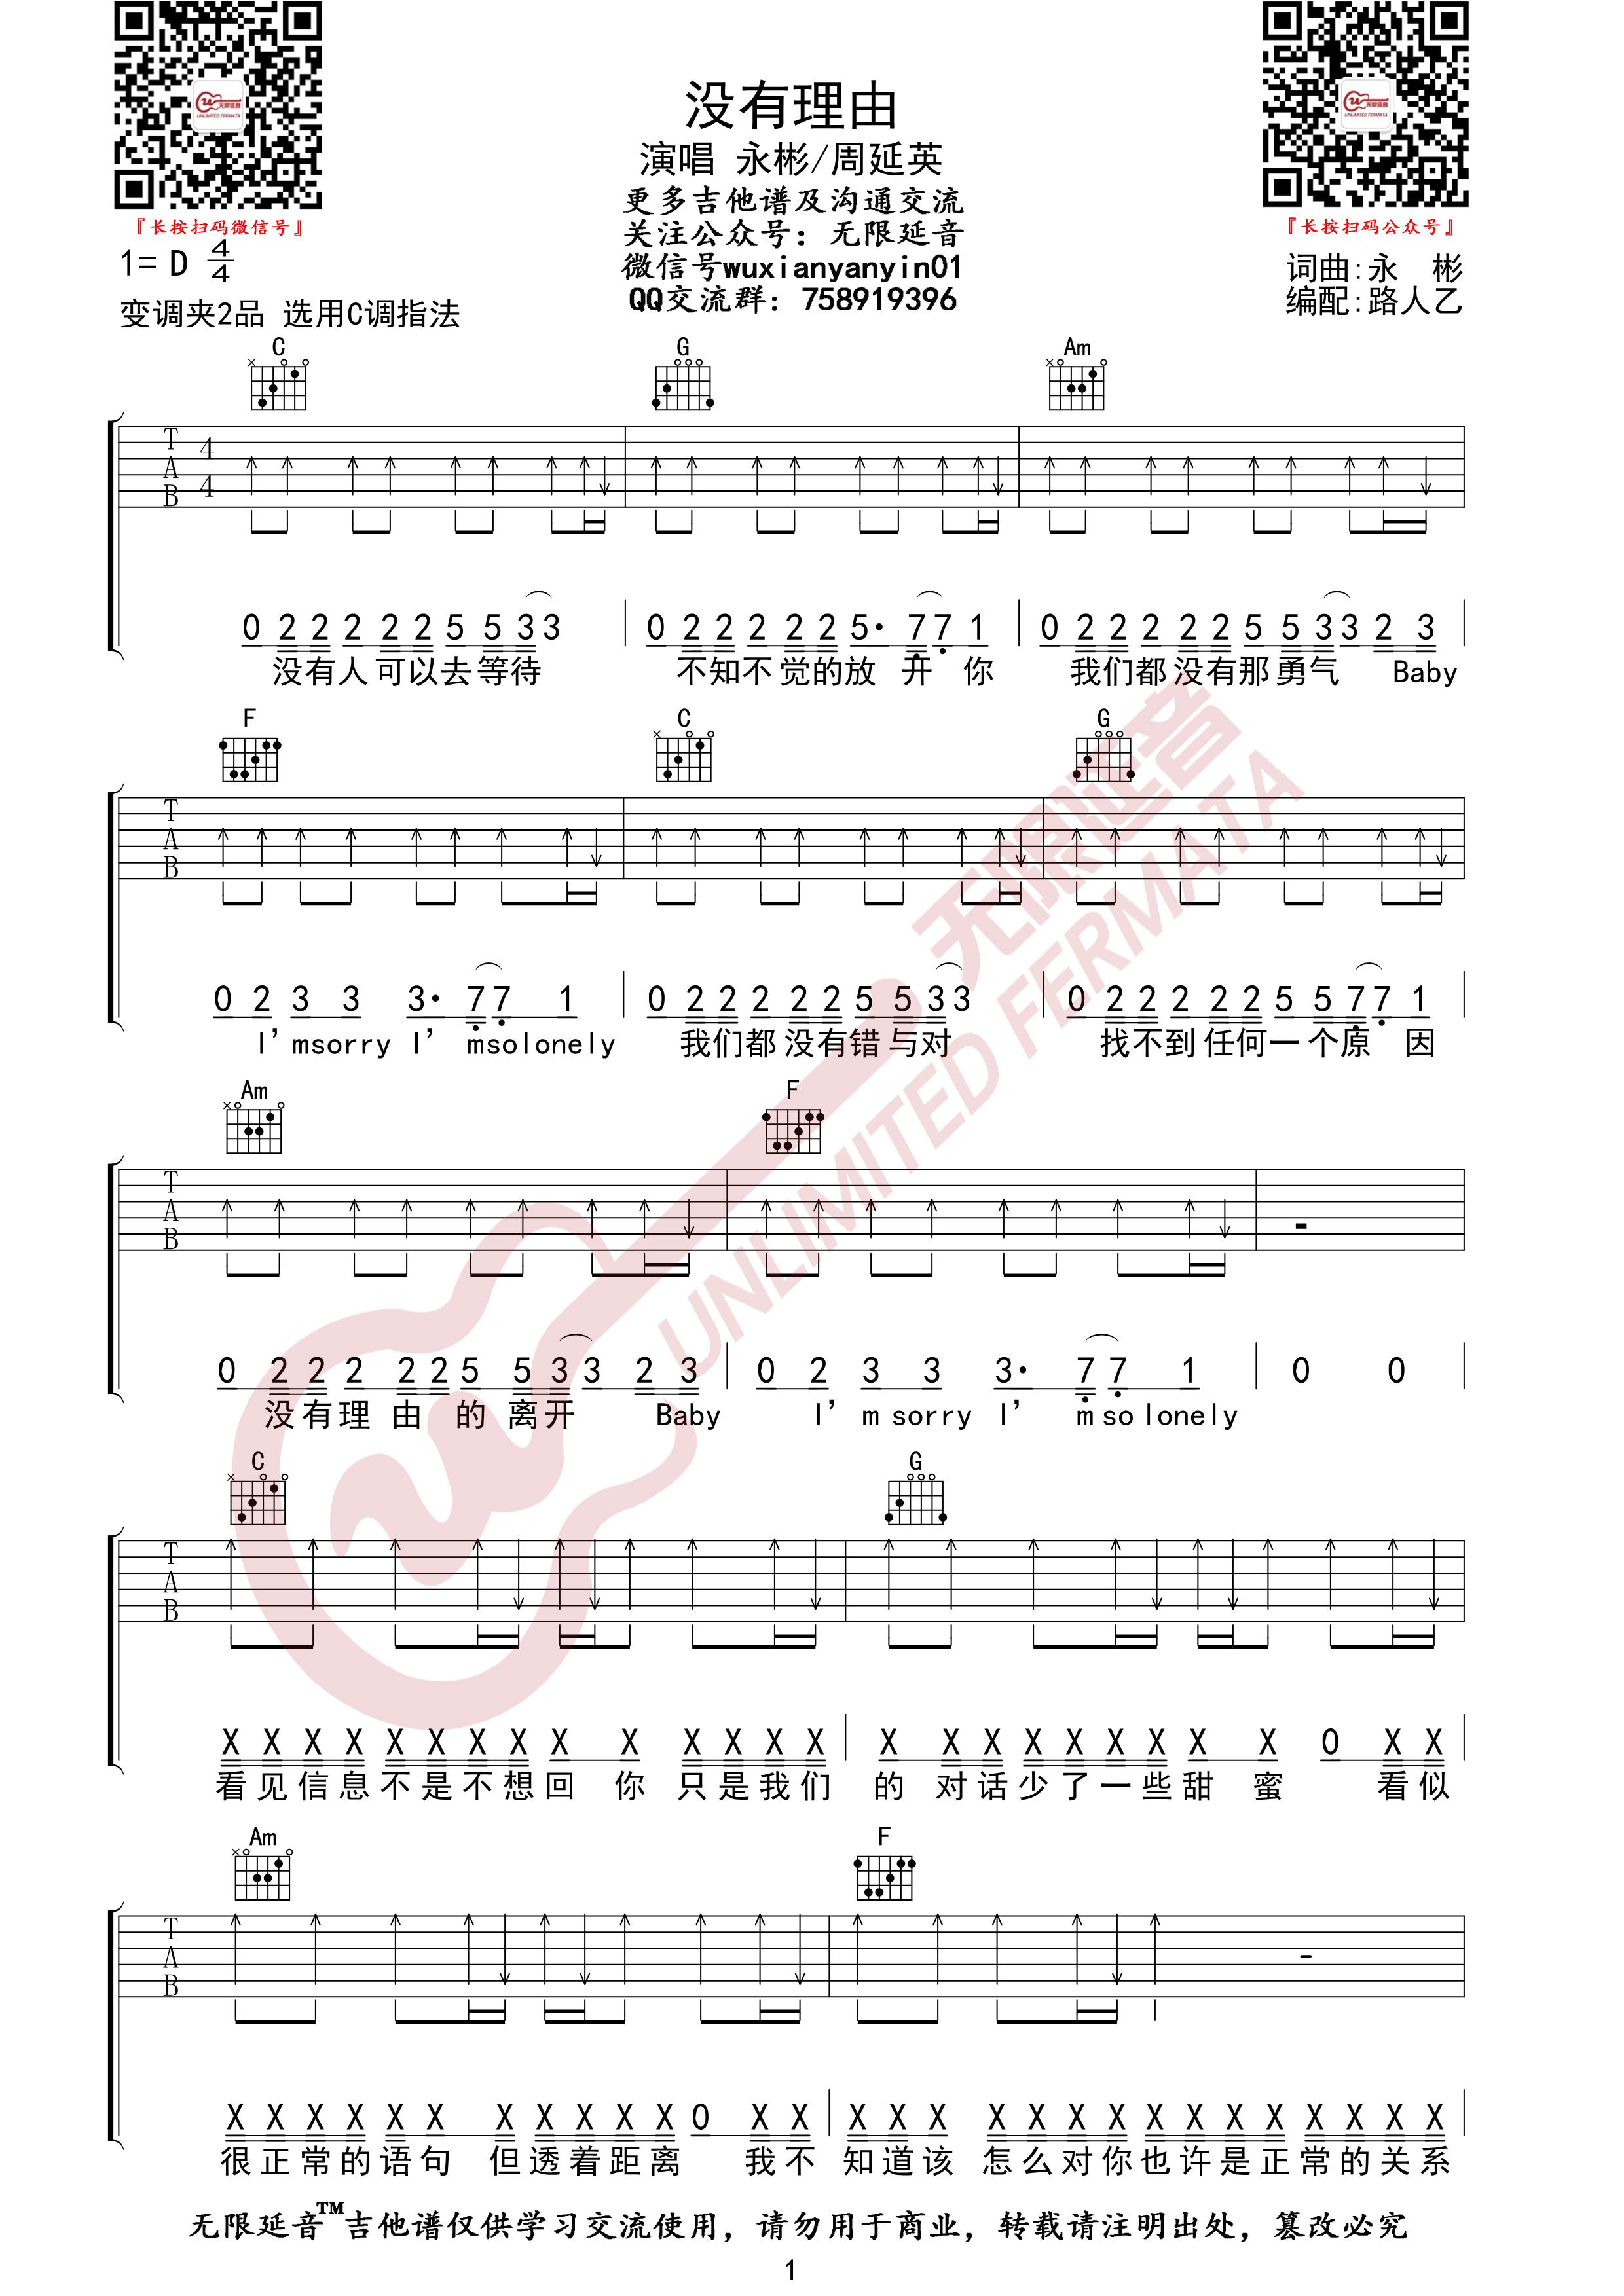 没有理由( 无限延音编配 )吉他谱(图片谱,无限延音编配,弹唱)_Ryan.B_没有理由01.jpg